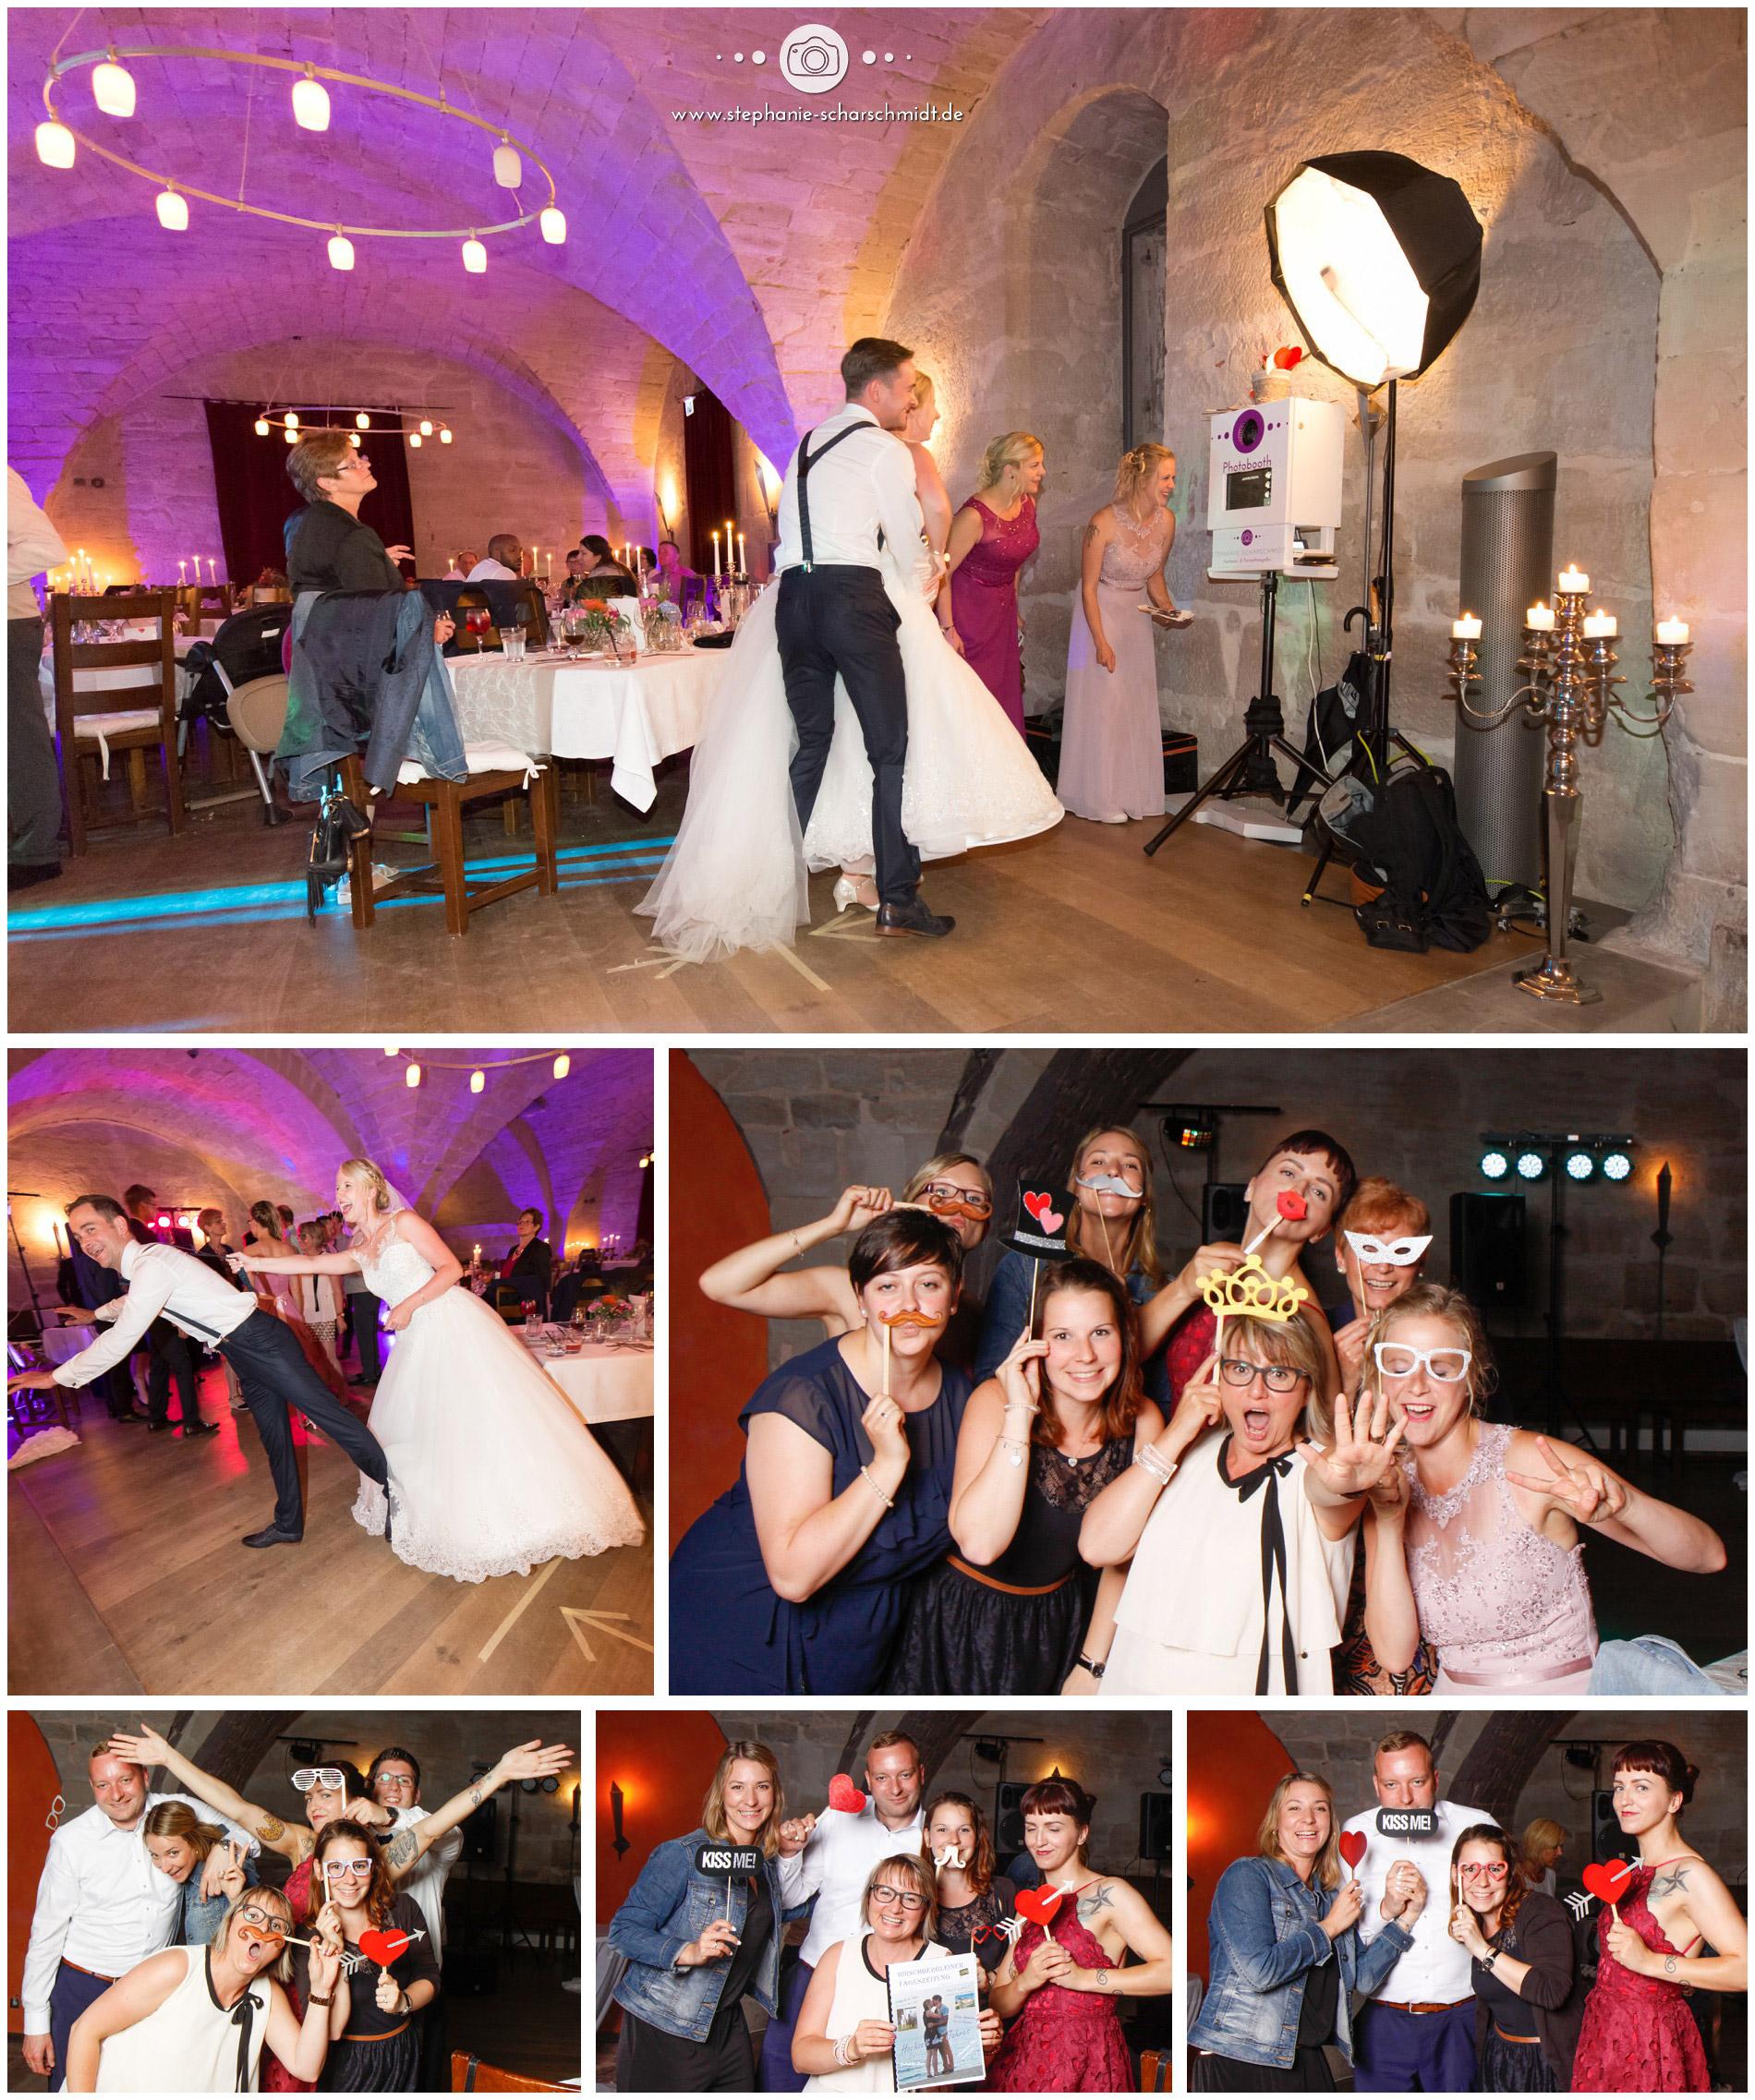 Fotobox mieten – Photobooth mit Druckfunktion - Hochzeits- und Portraitfotografin Stephanie Scharschmidt -